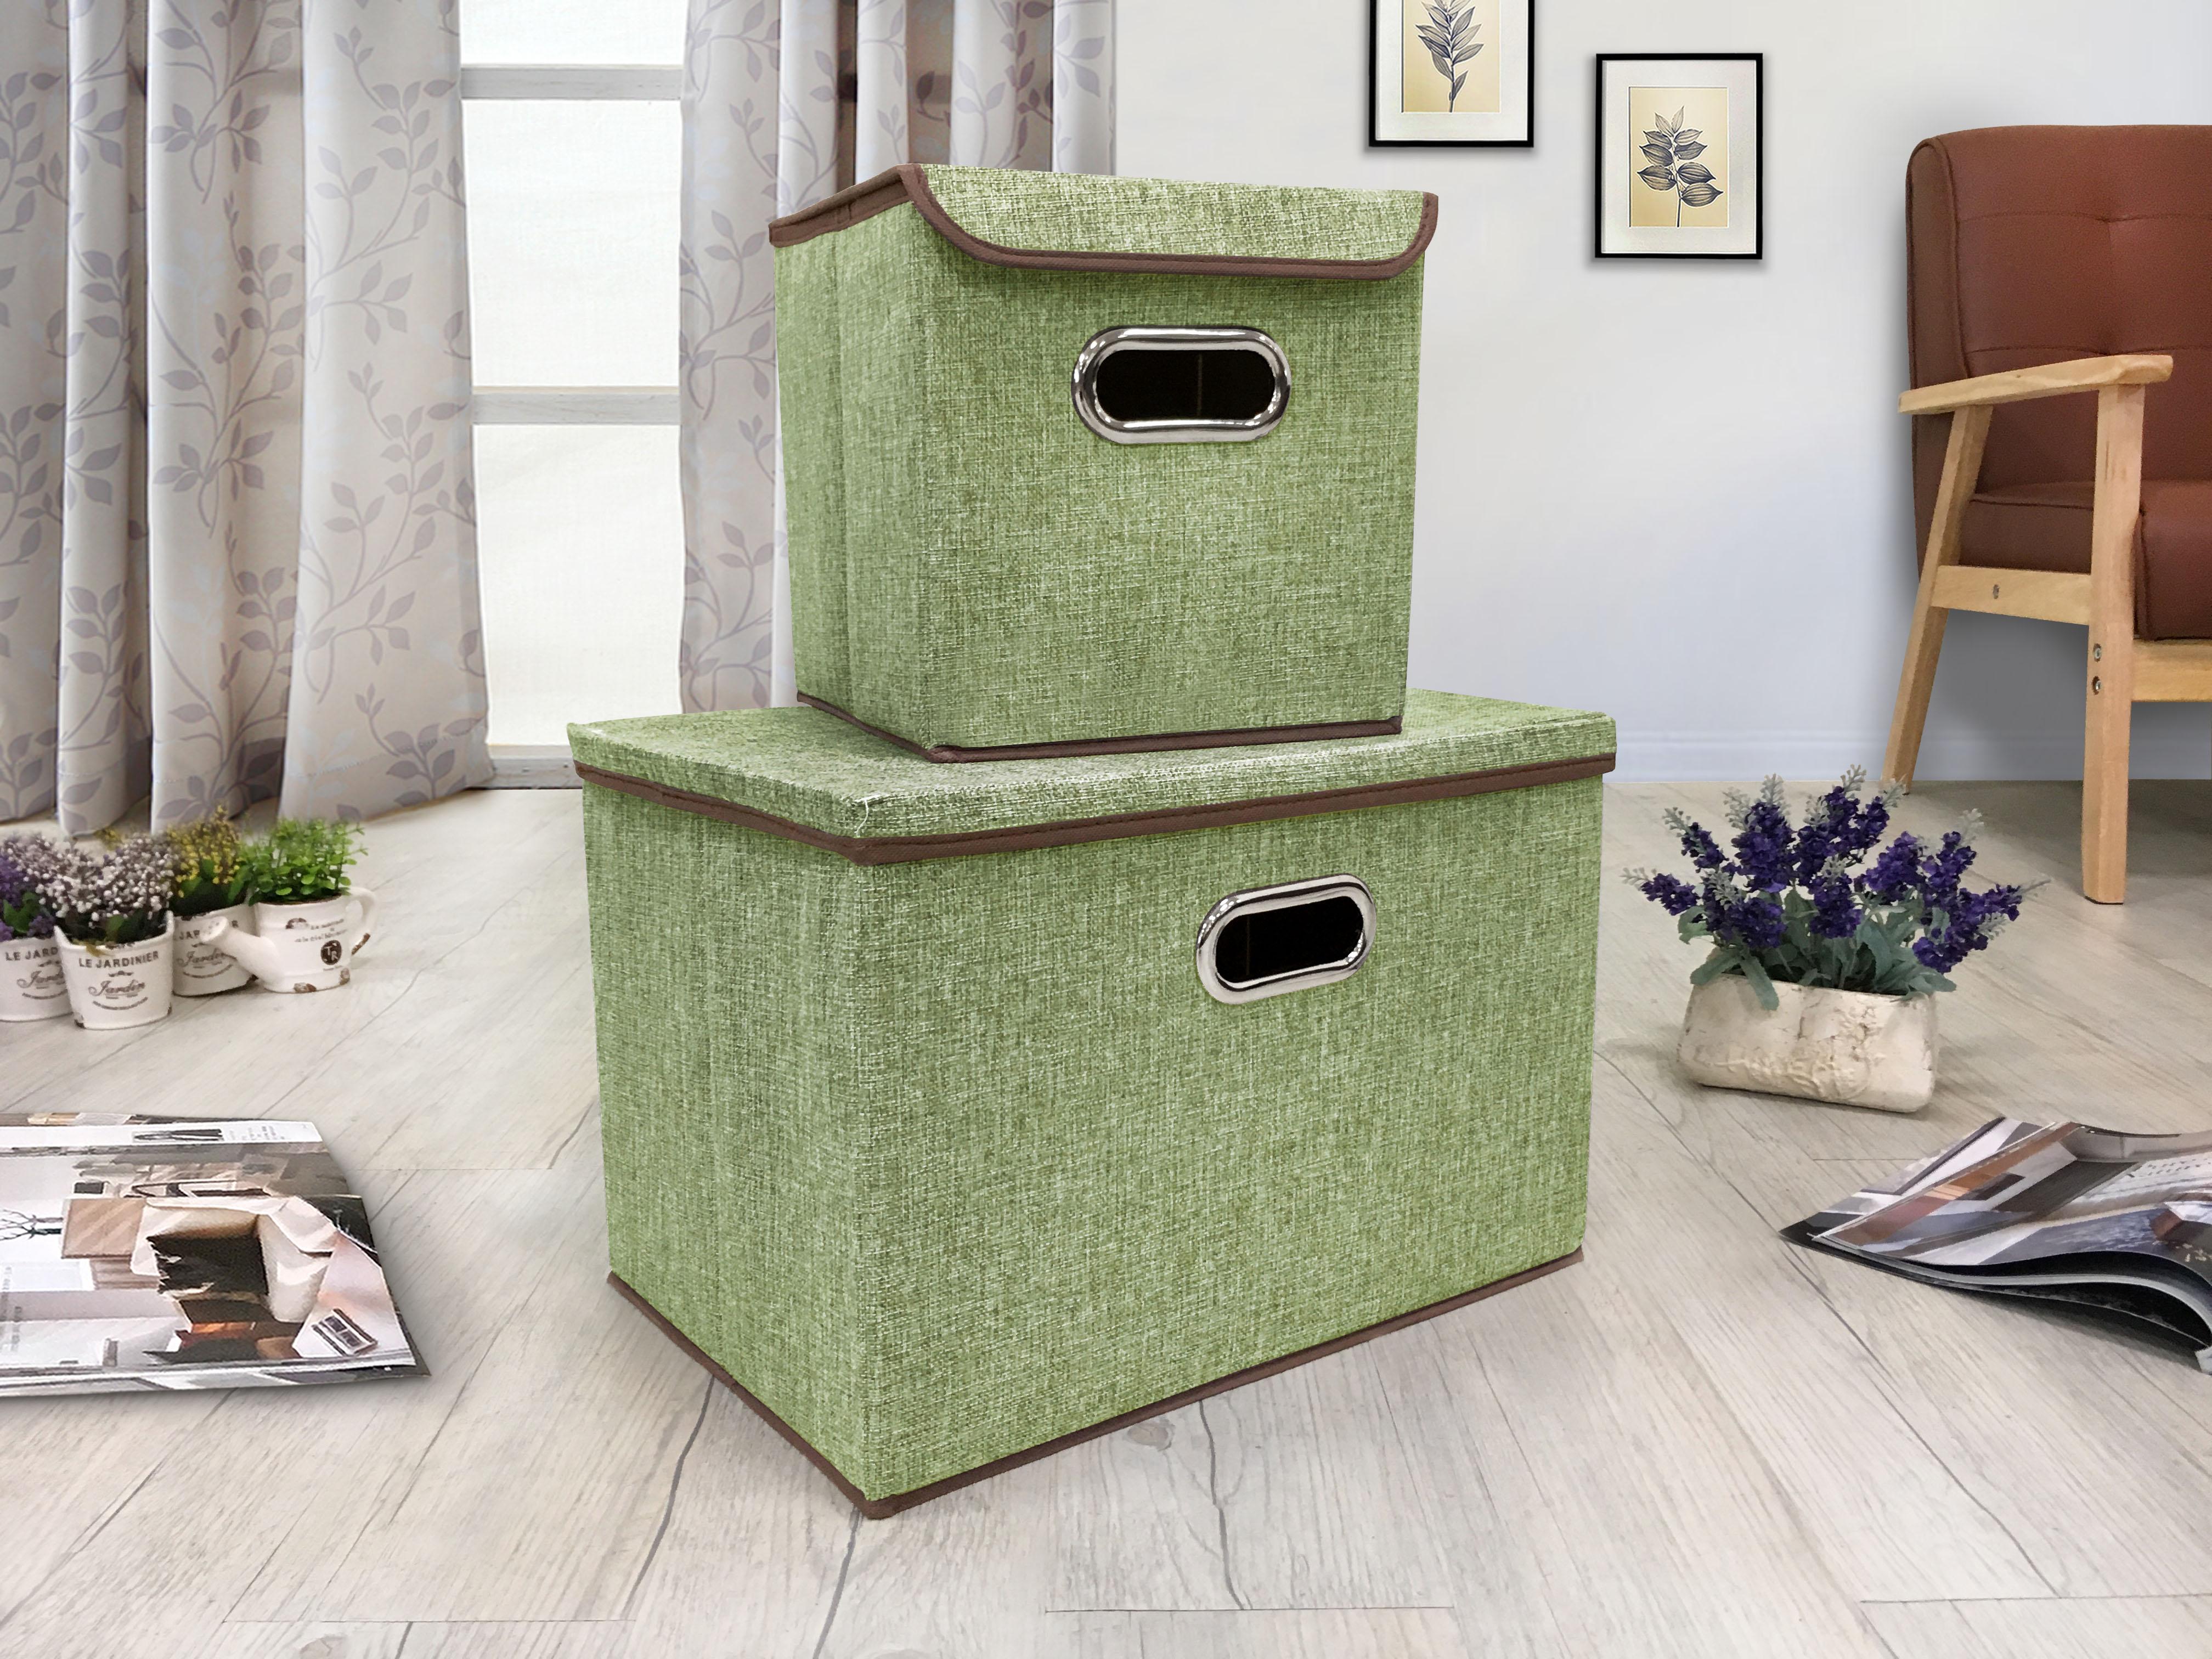 !新生活家具!《朵拉》綠色 簡約 素雅 大收納箱 儲物箱 整理箱 玩具儲物箱 雜物收納 六色 非 H&D ikea 宜家